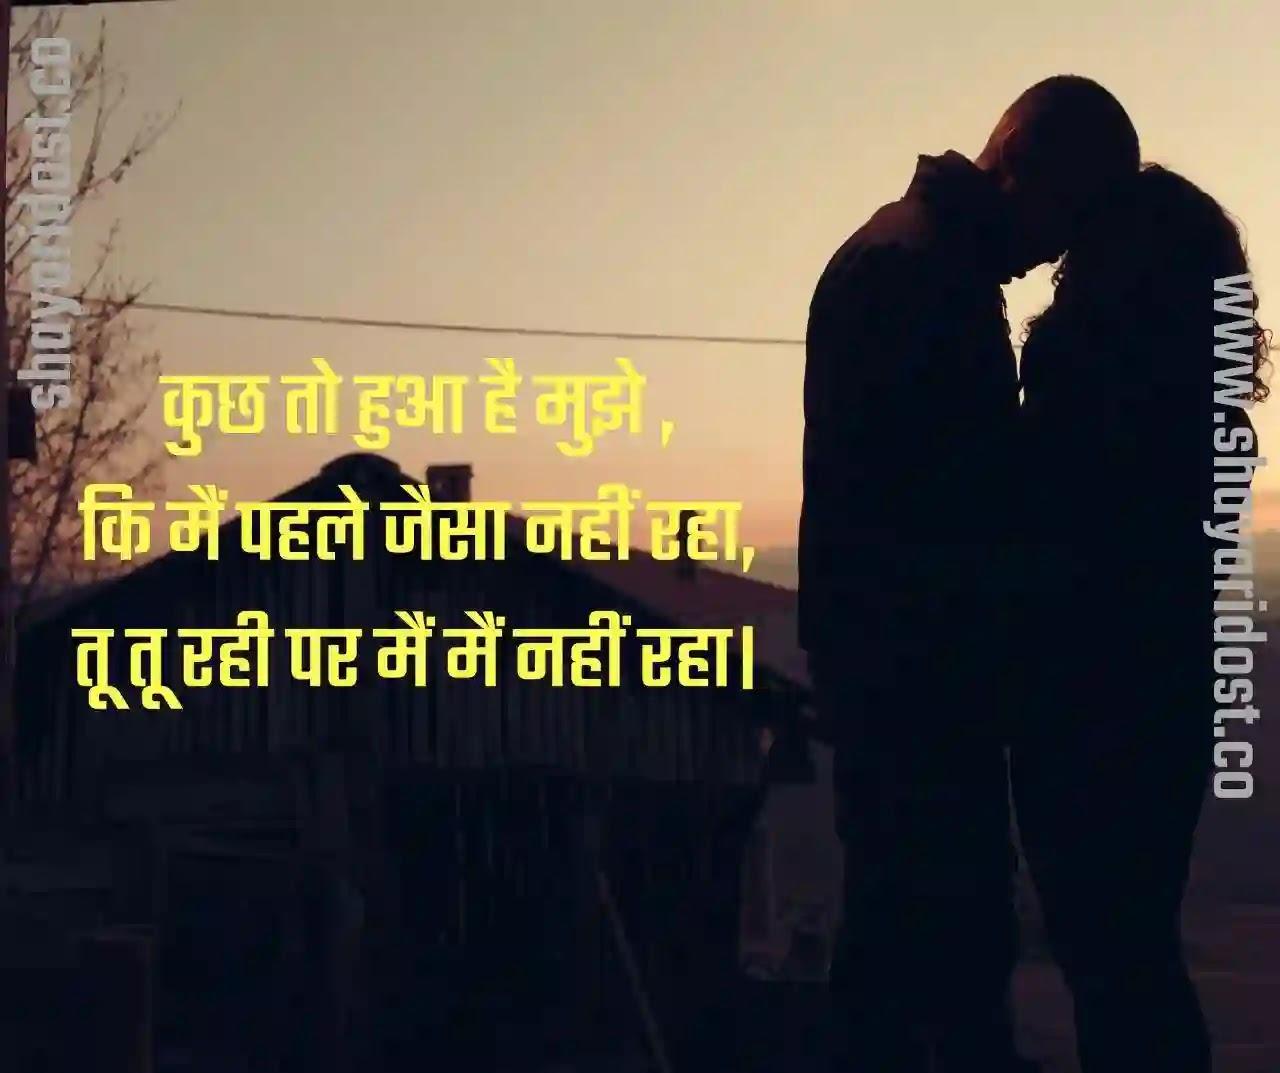 Romantic Hindi Shayari - Romantic Love Shayari Images